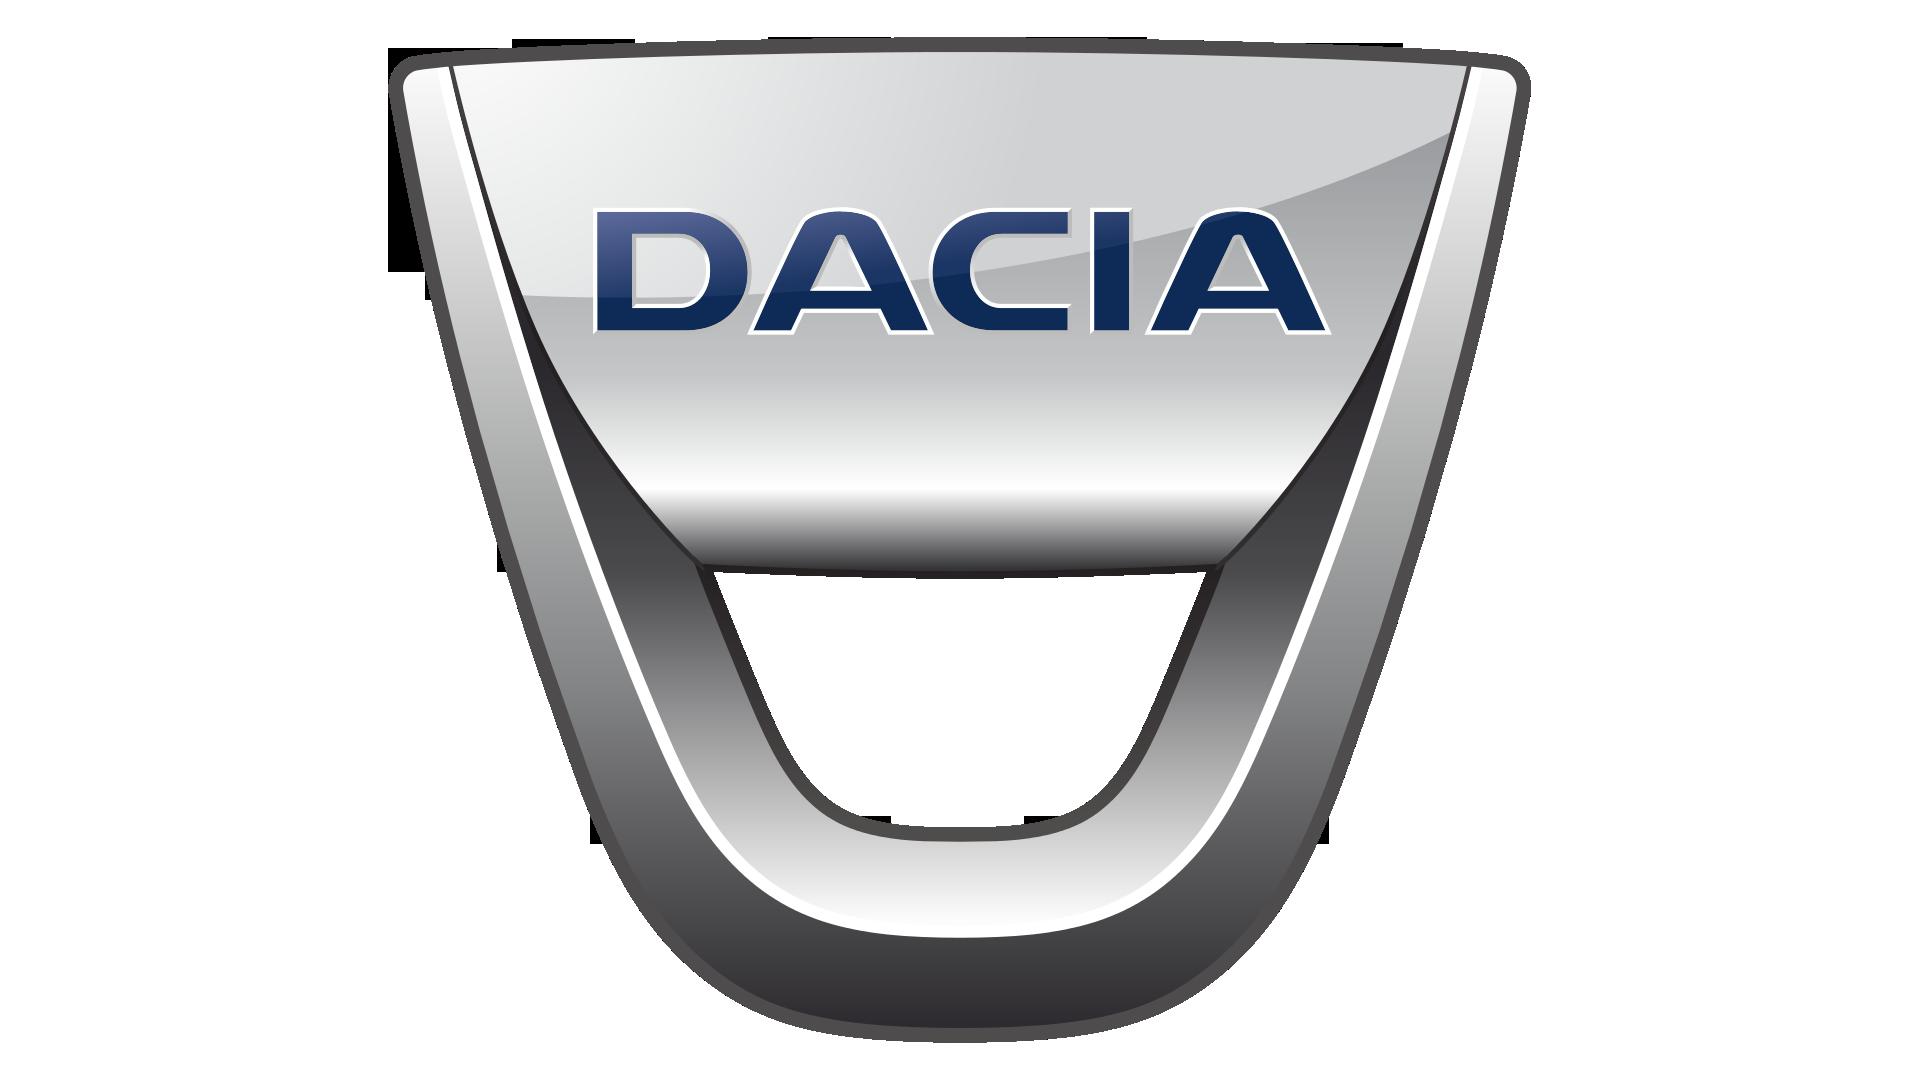 Kako Dacia održava troškove niskim?